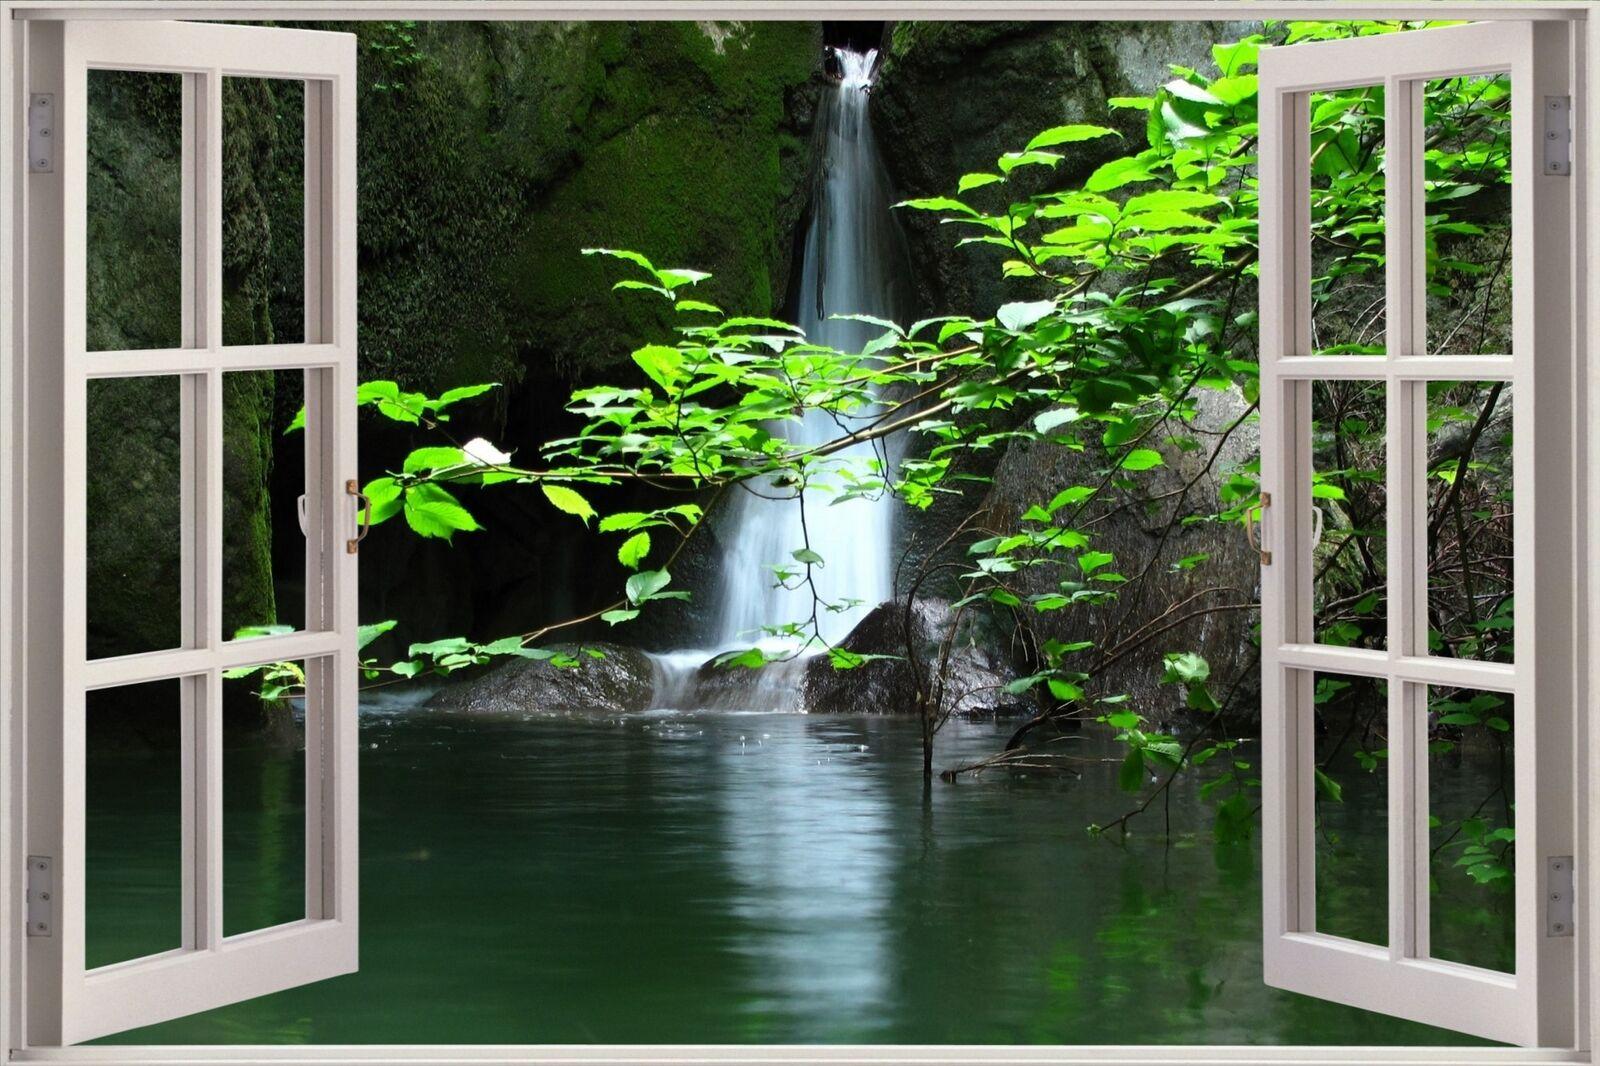 Enorme 3D Finestra Vista bellissimo lago cascata muro Adesivo Adesivo Adesivo Decalcomania Carta Da Parati S87 0441b7